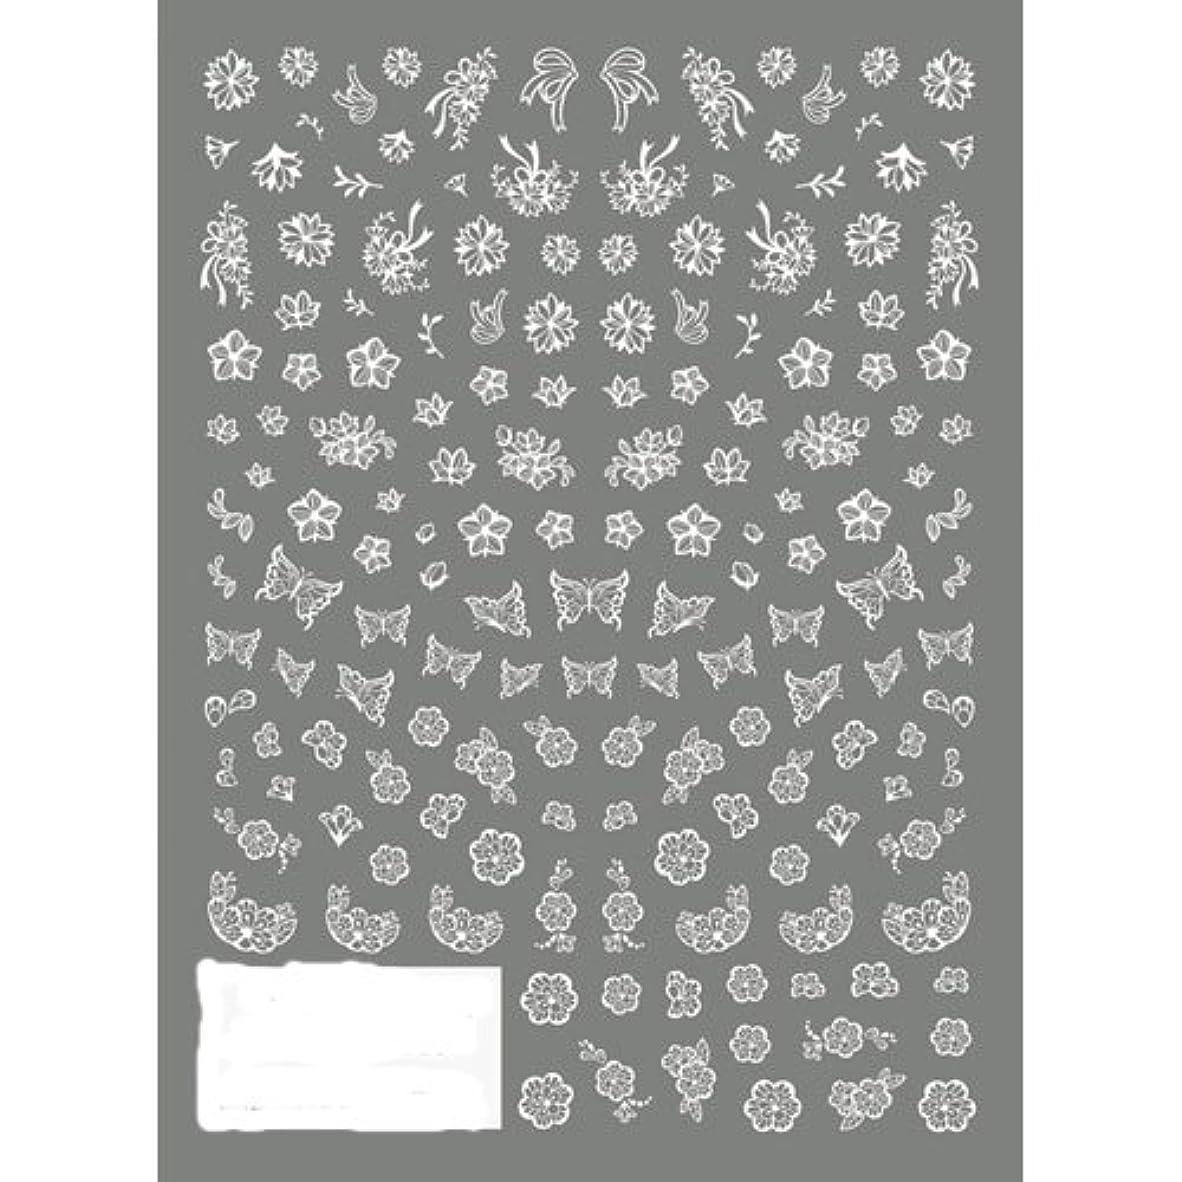 歌詞ブース従順なツメキラ ネイル用シール 切り絵 フラワー&バタフライ ホワイト